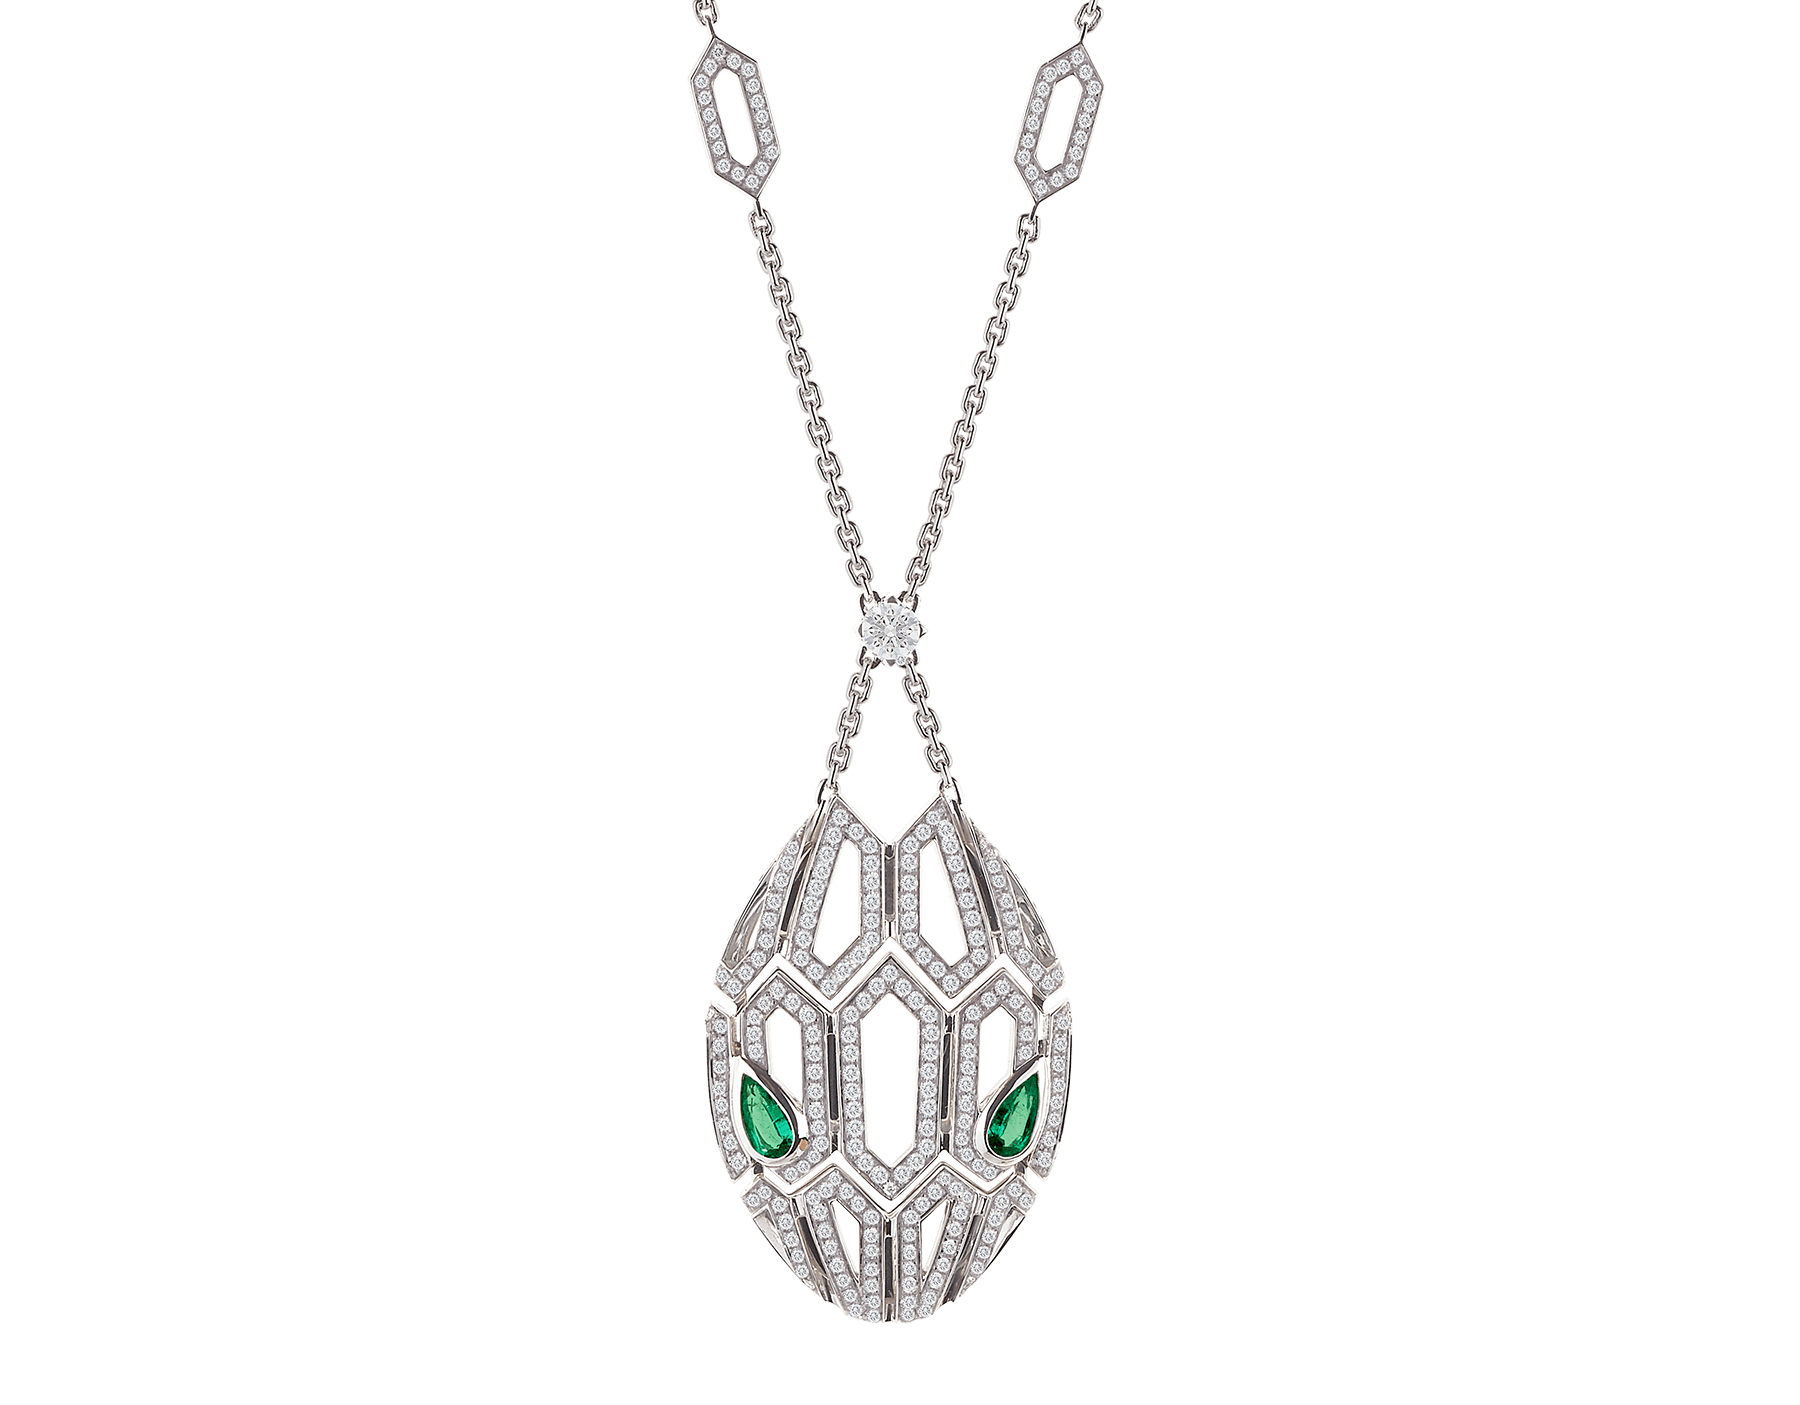 Sublimando as escamas de uma serpente com um encantador motivo hexagonal desenhado com diamantes cravejados, o colar Serpenti brilha com desejo e com o magnetismo irresistível de seus olhos de esmeralda. 352752 image 1